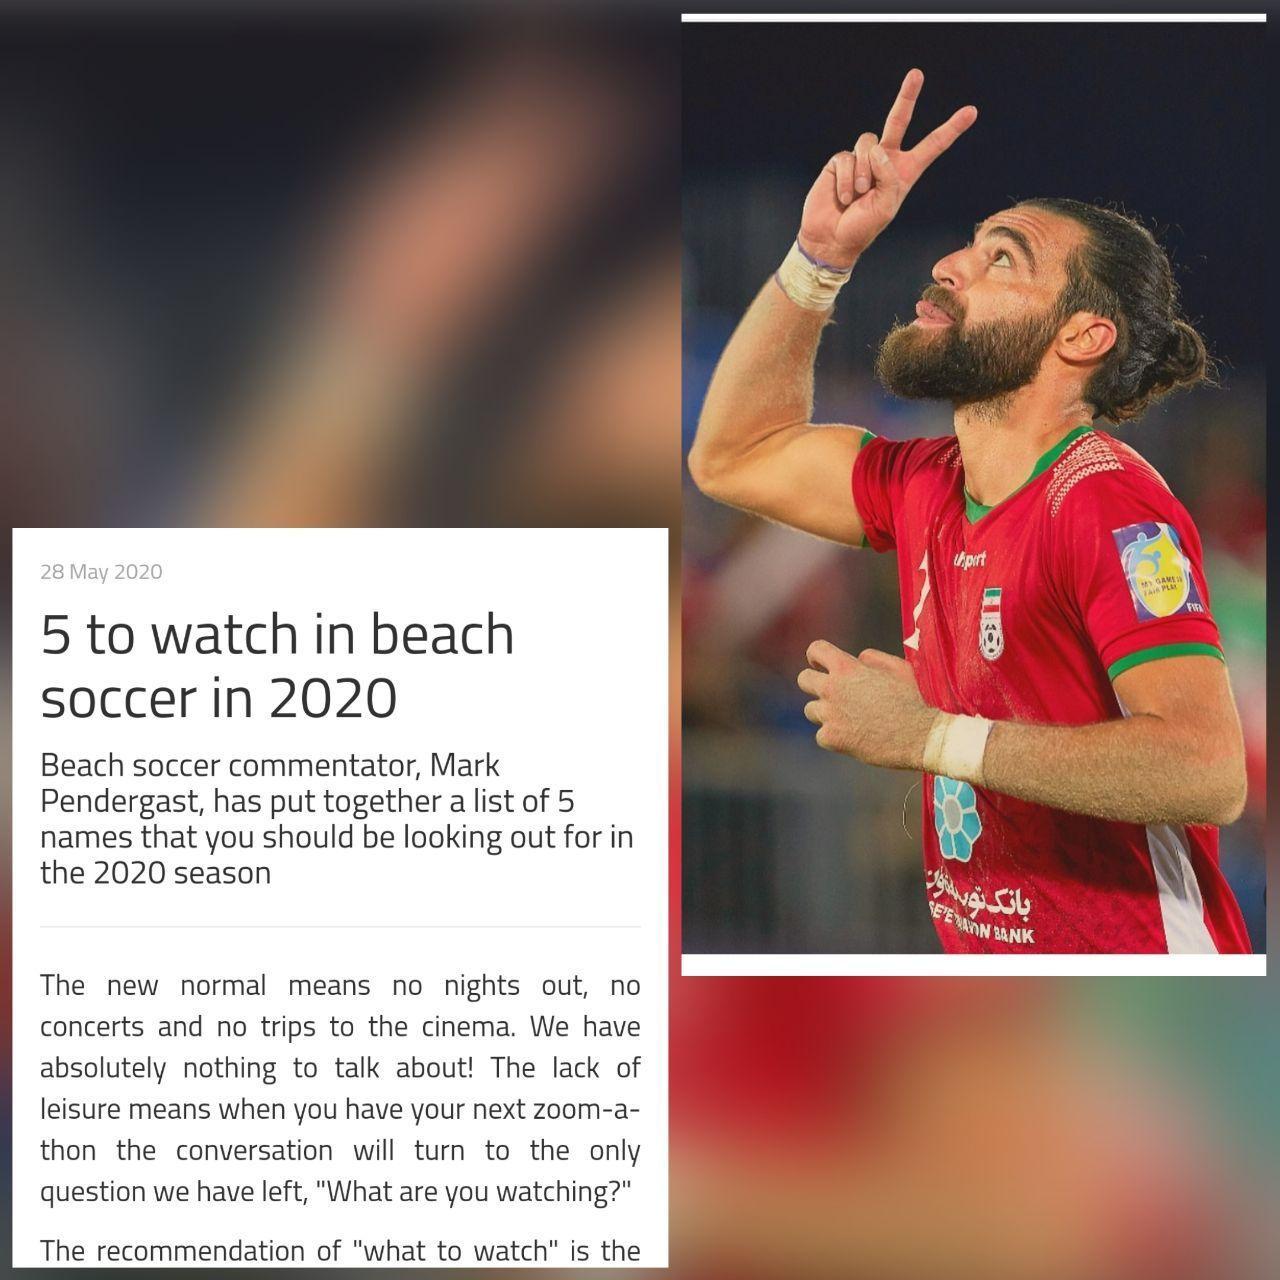 ساحلی باز شهرستان فلاورجان  در جمع پنج ستاره فوتبال ساحلی جهان